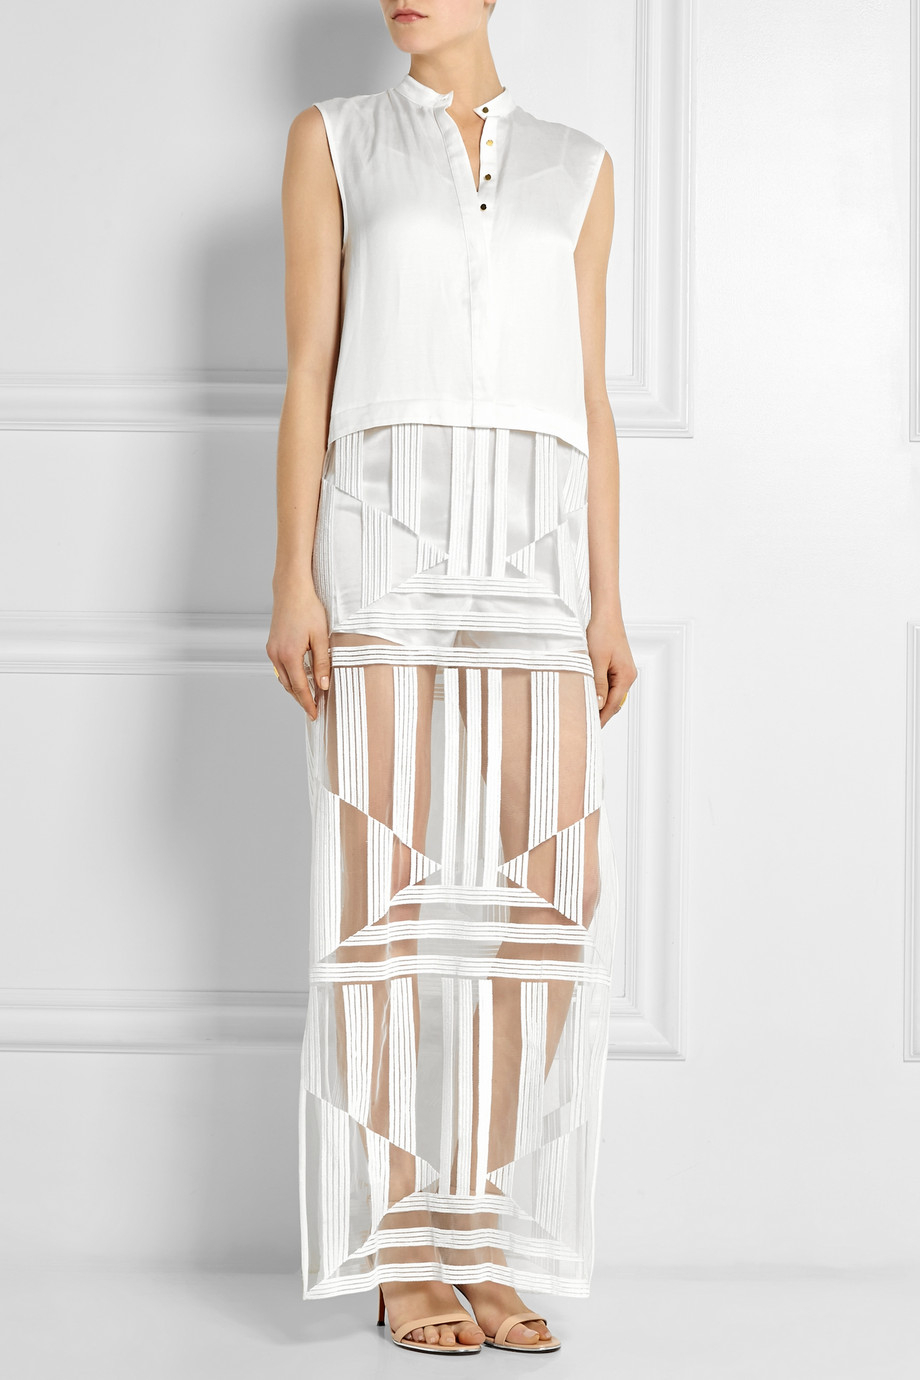 Sass & Bide Silk Maxi Dress Hurry Up Clearance Shop NhnE5O